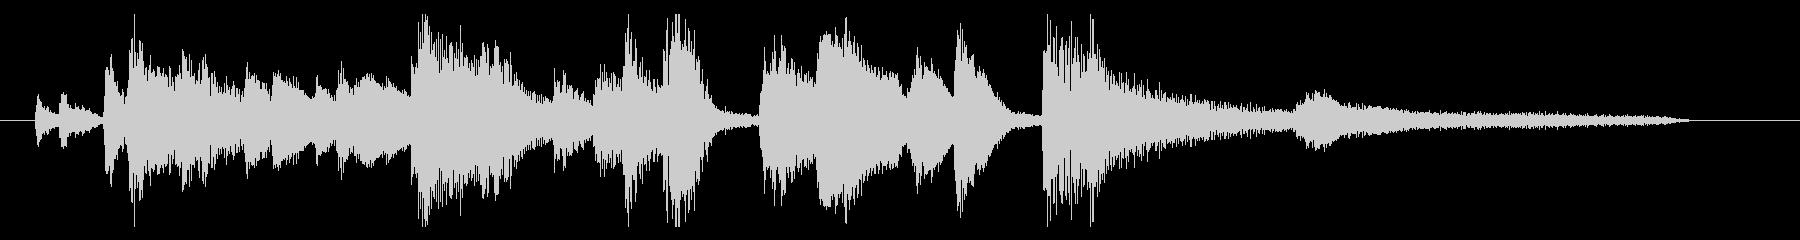 おしゃれなジャズピアノジングル4の未再生の波形